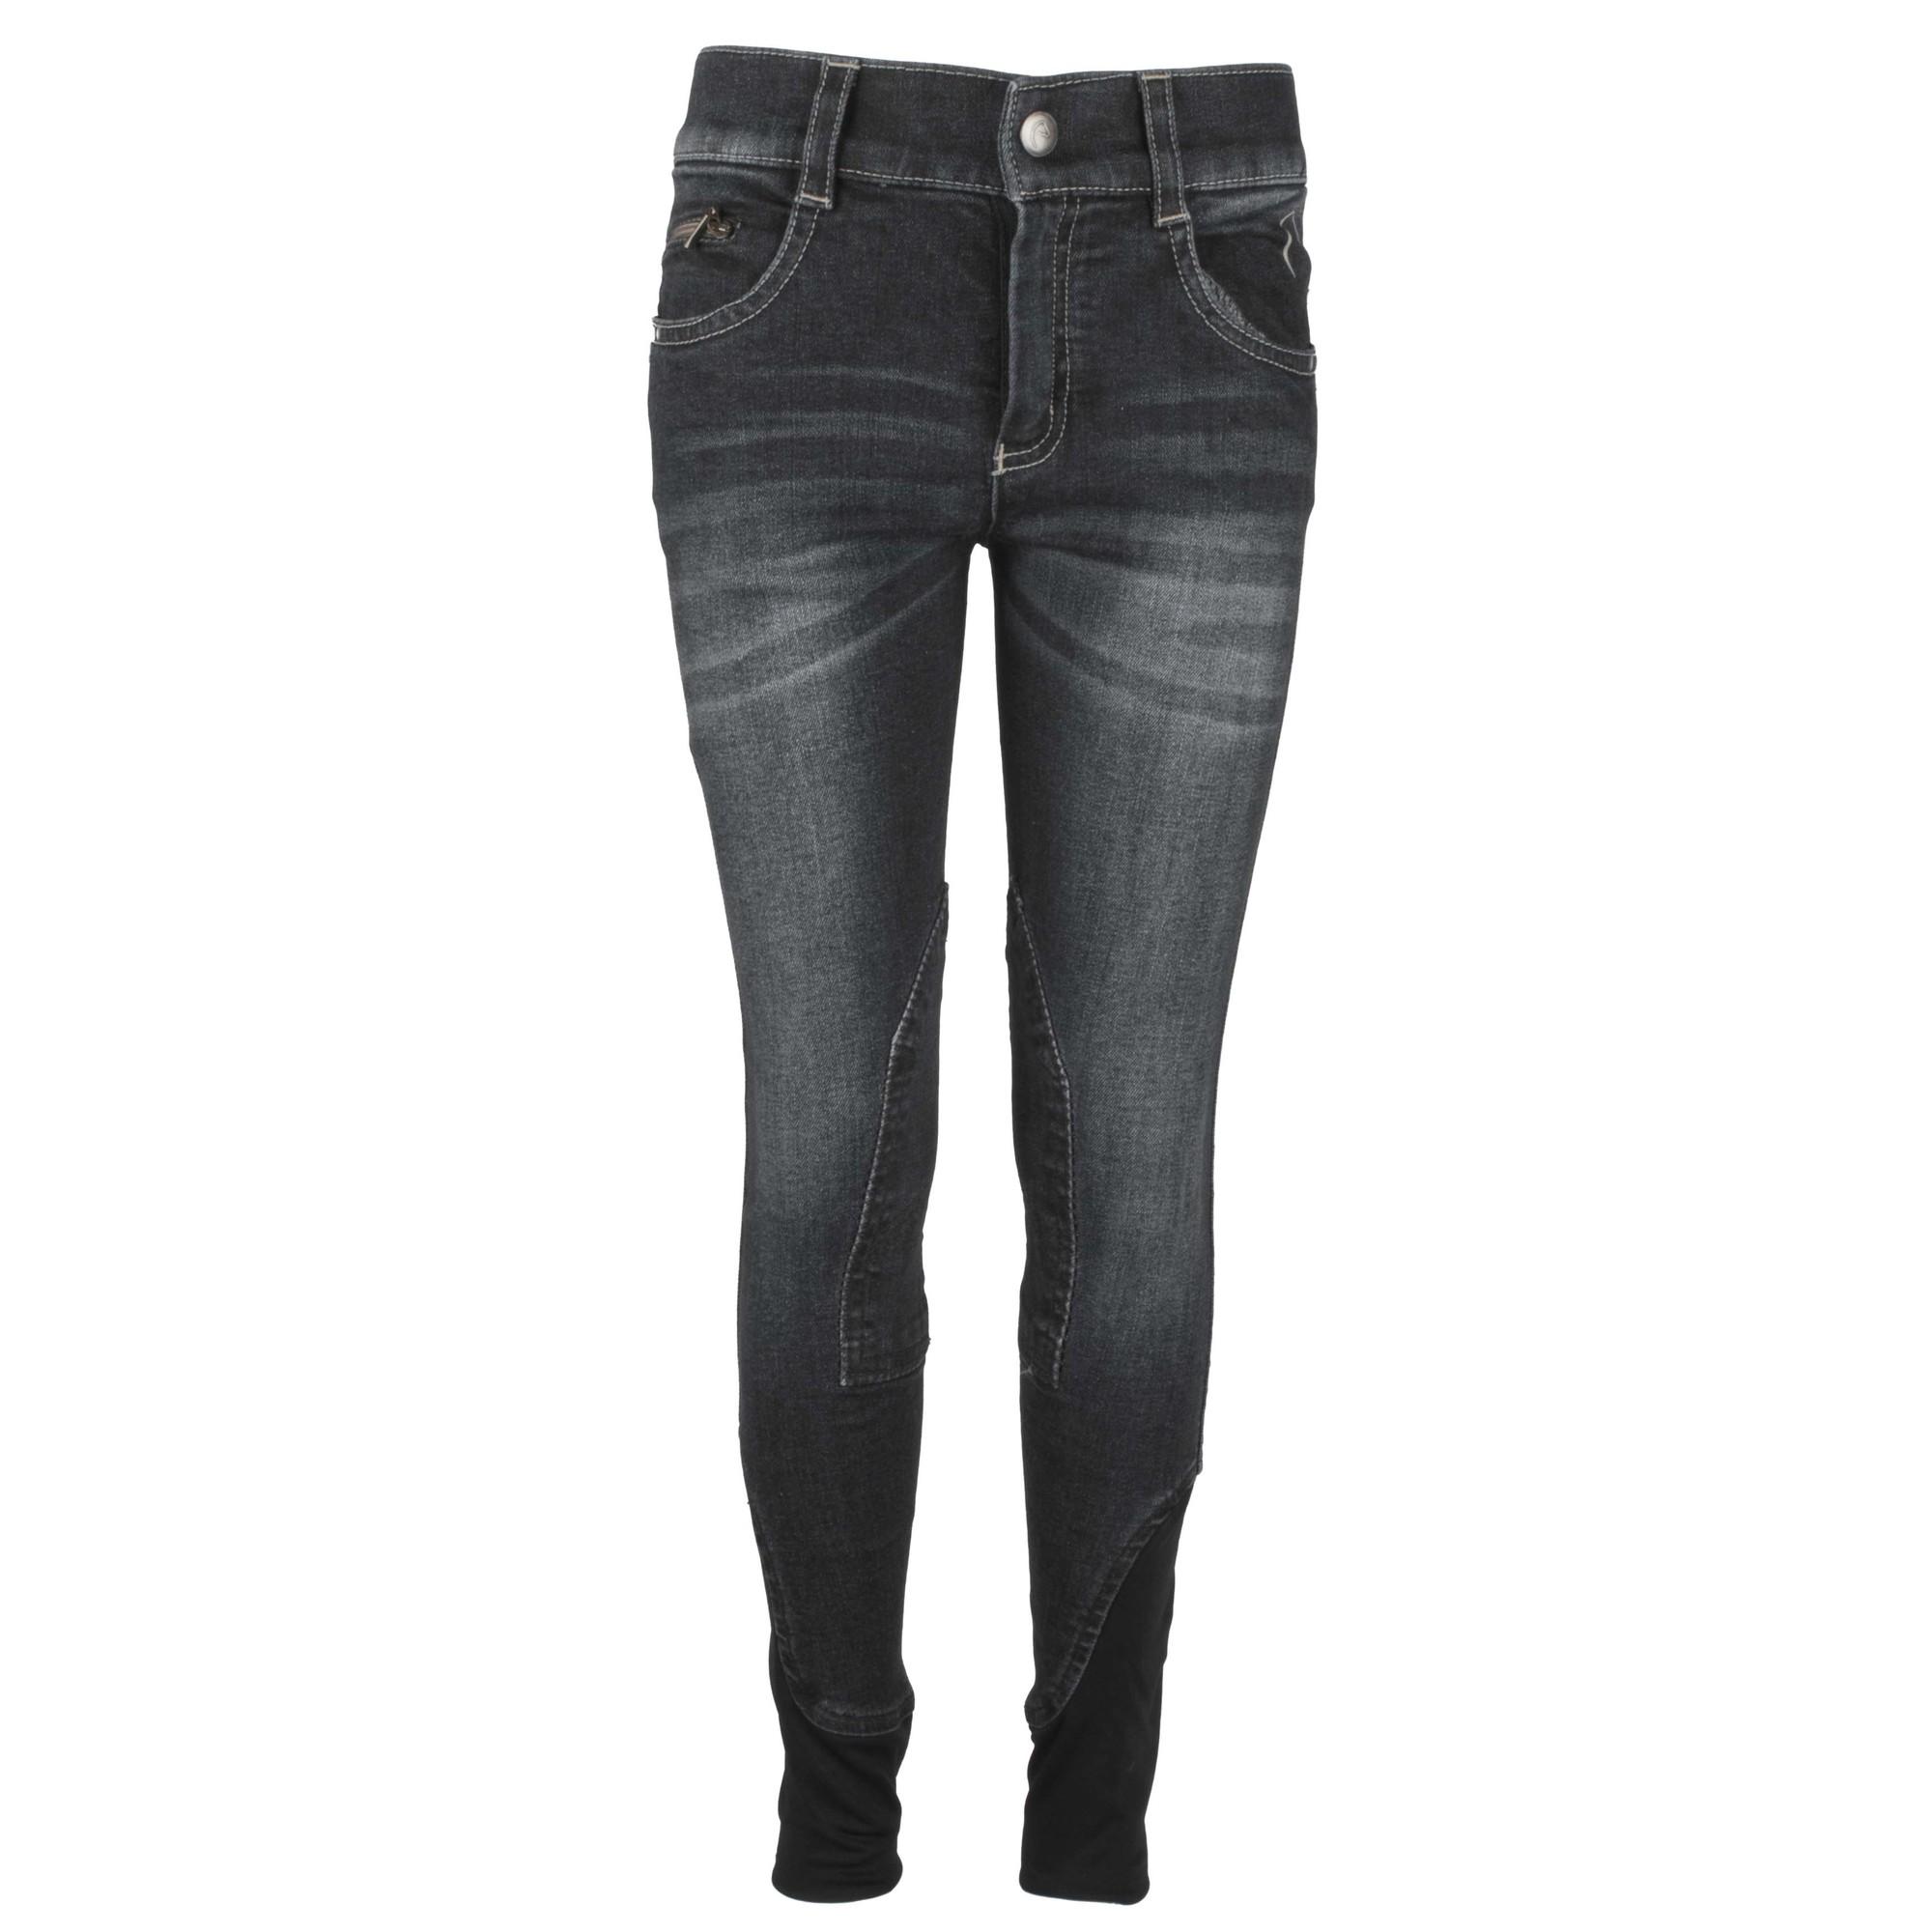 Equitheme Texas jeans kinder rijbroek zwart maat:164